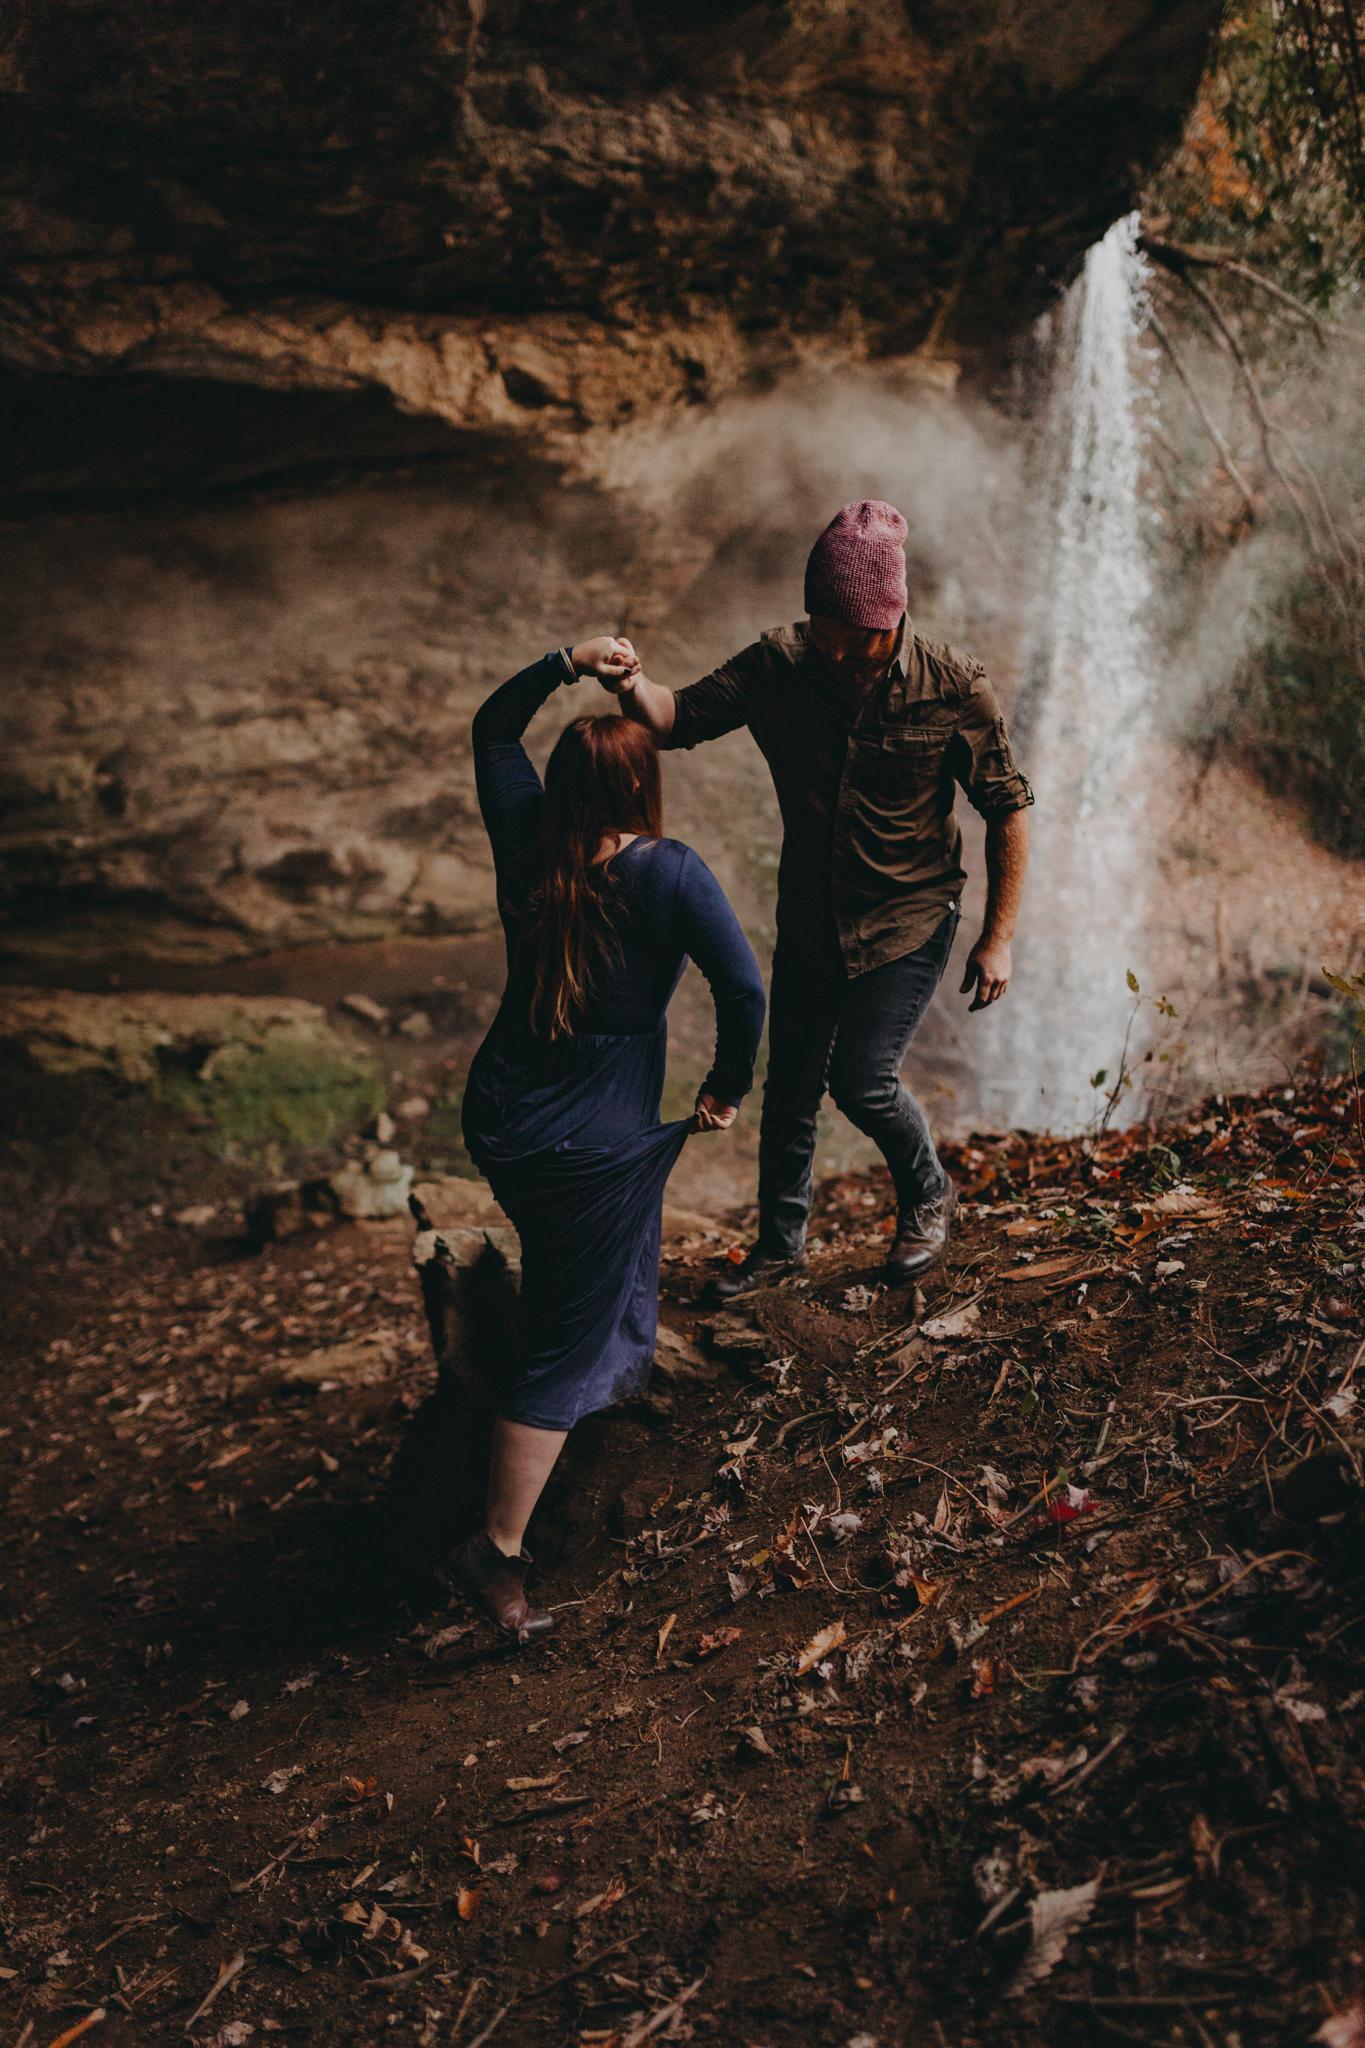 MonicaLeavellPhoto-Kate-Matt-WNC-Adventure-Engagement-websize-22.jpg